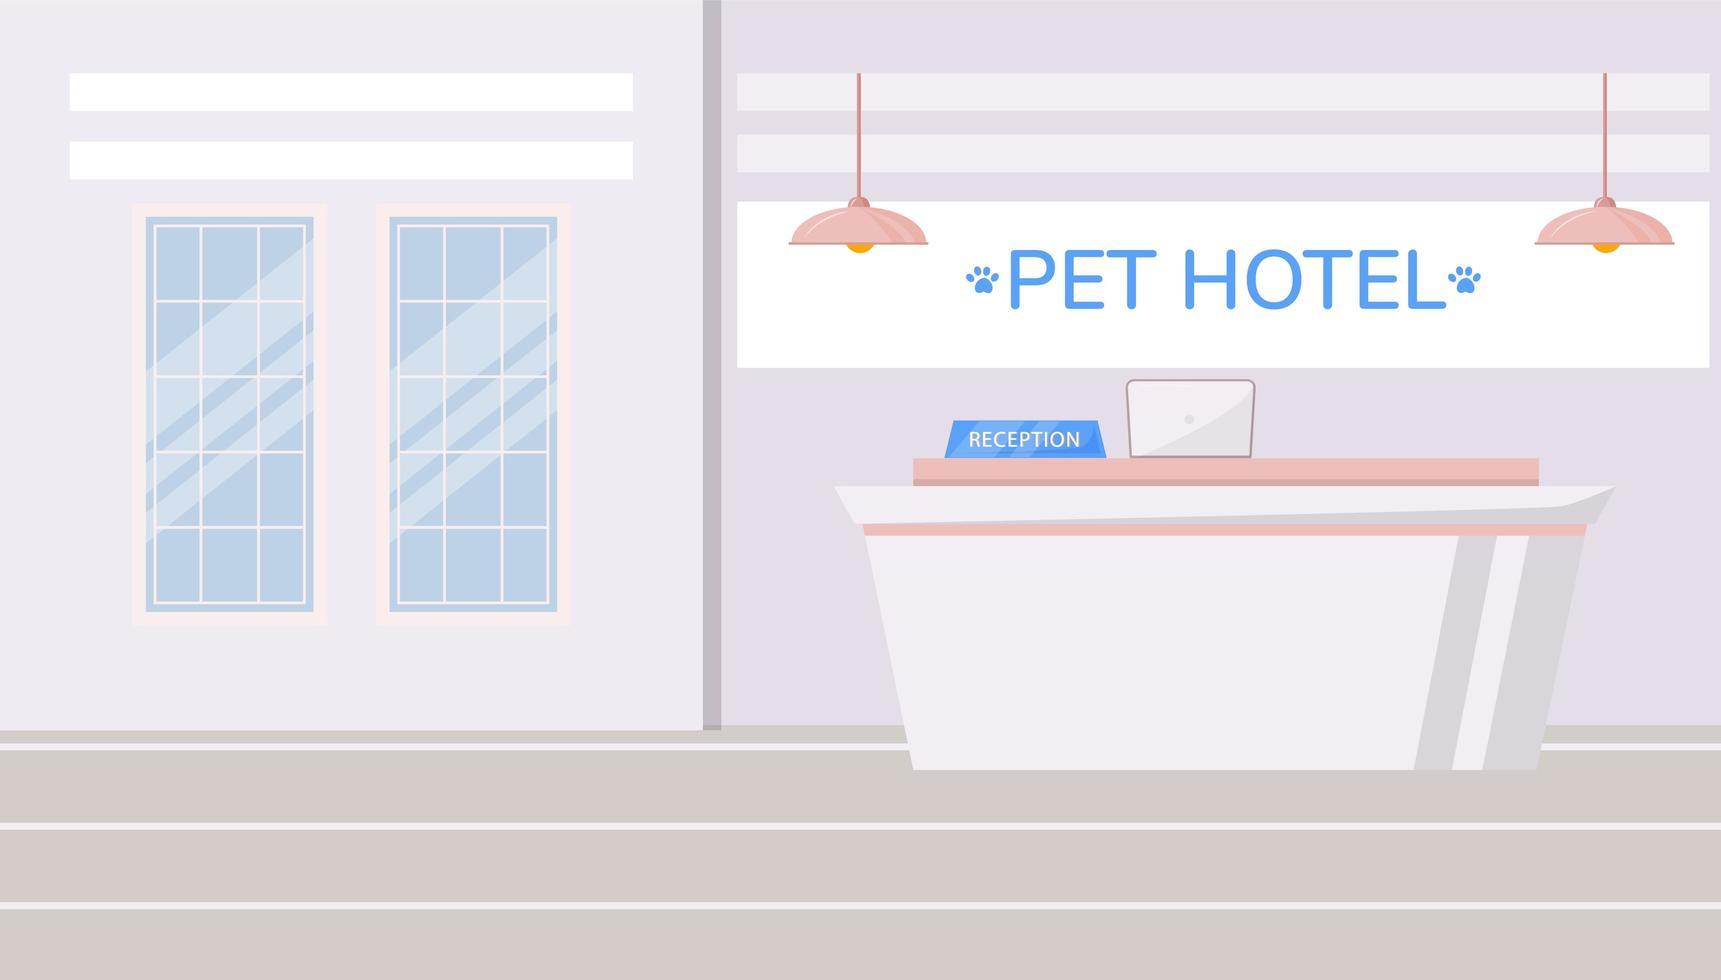 sällskapsdjur hotell bakgrund vektor